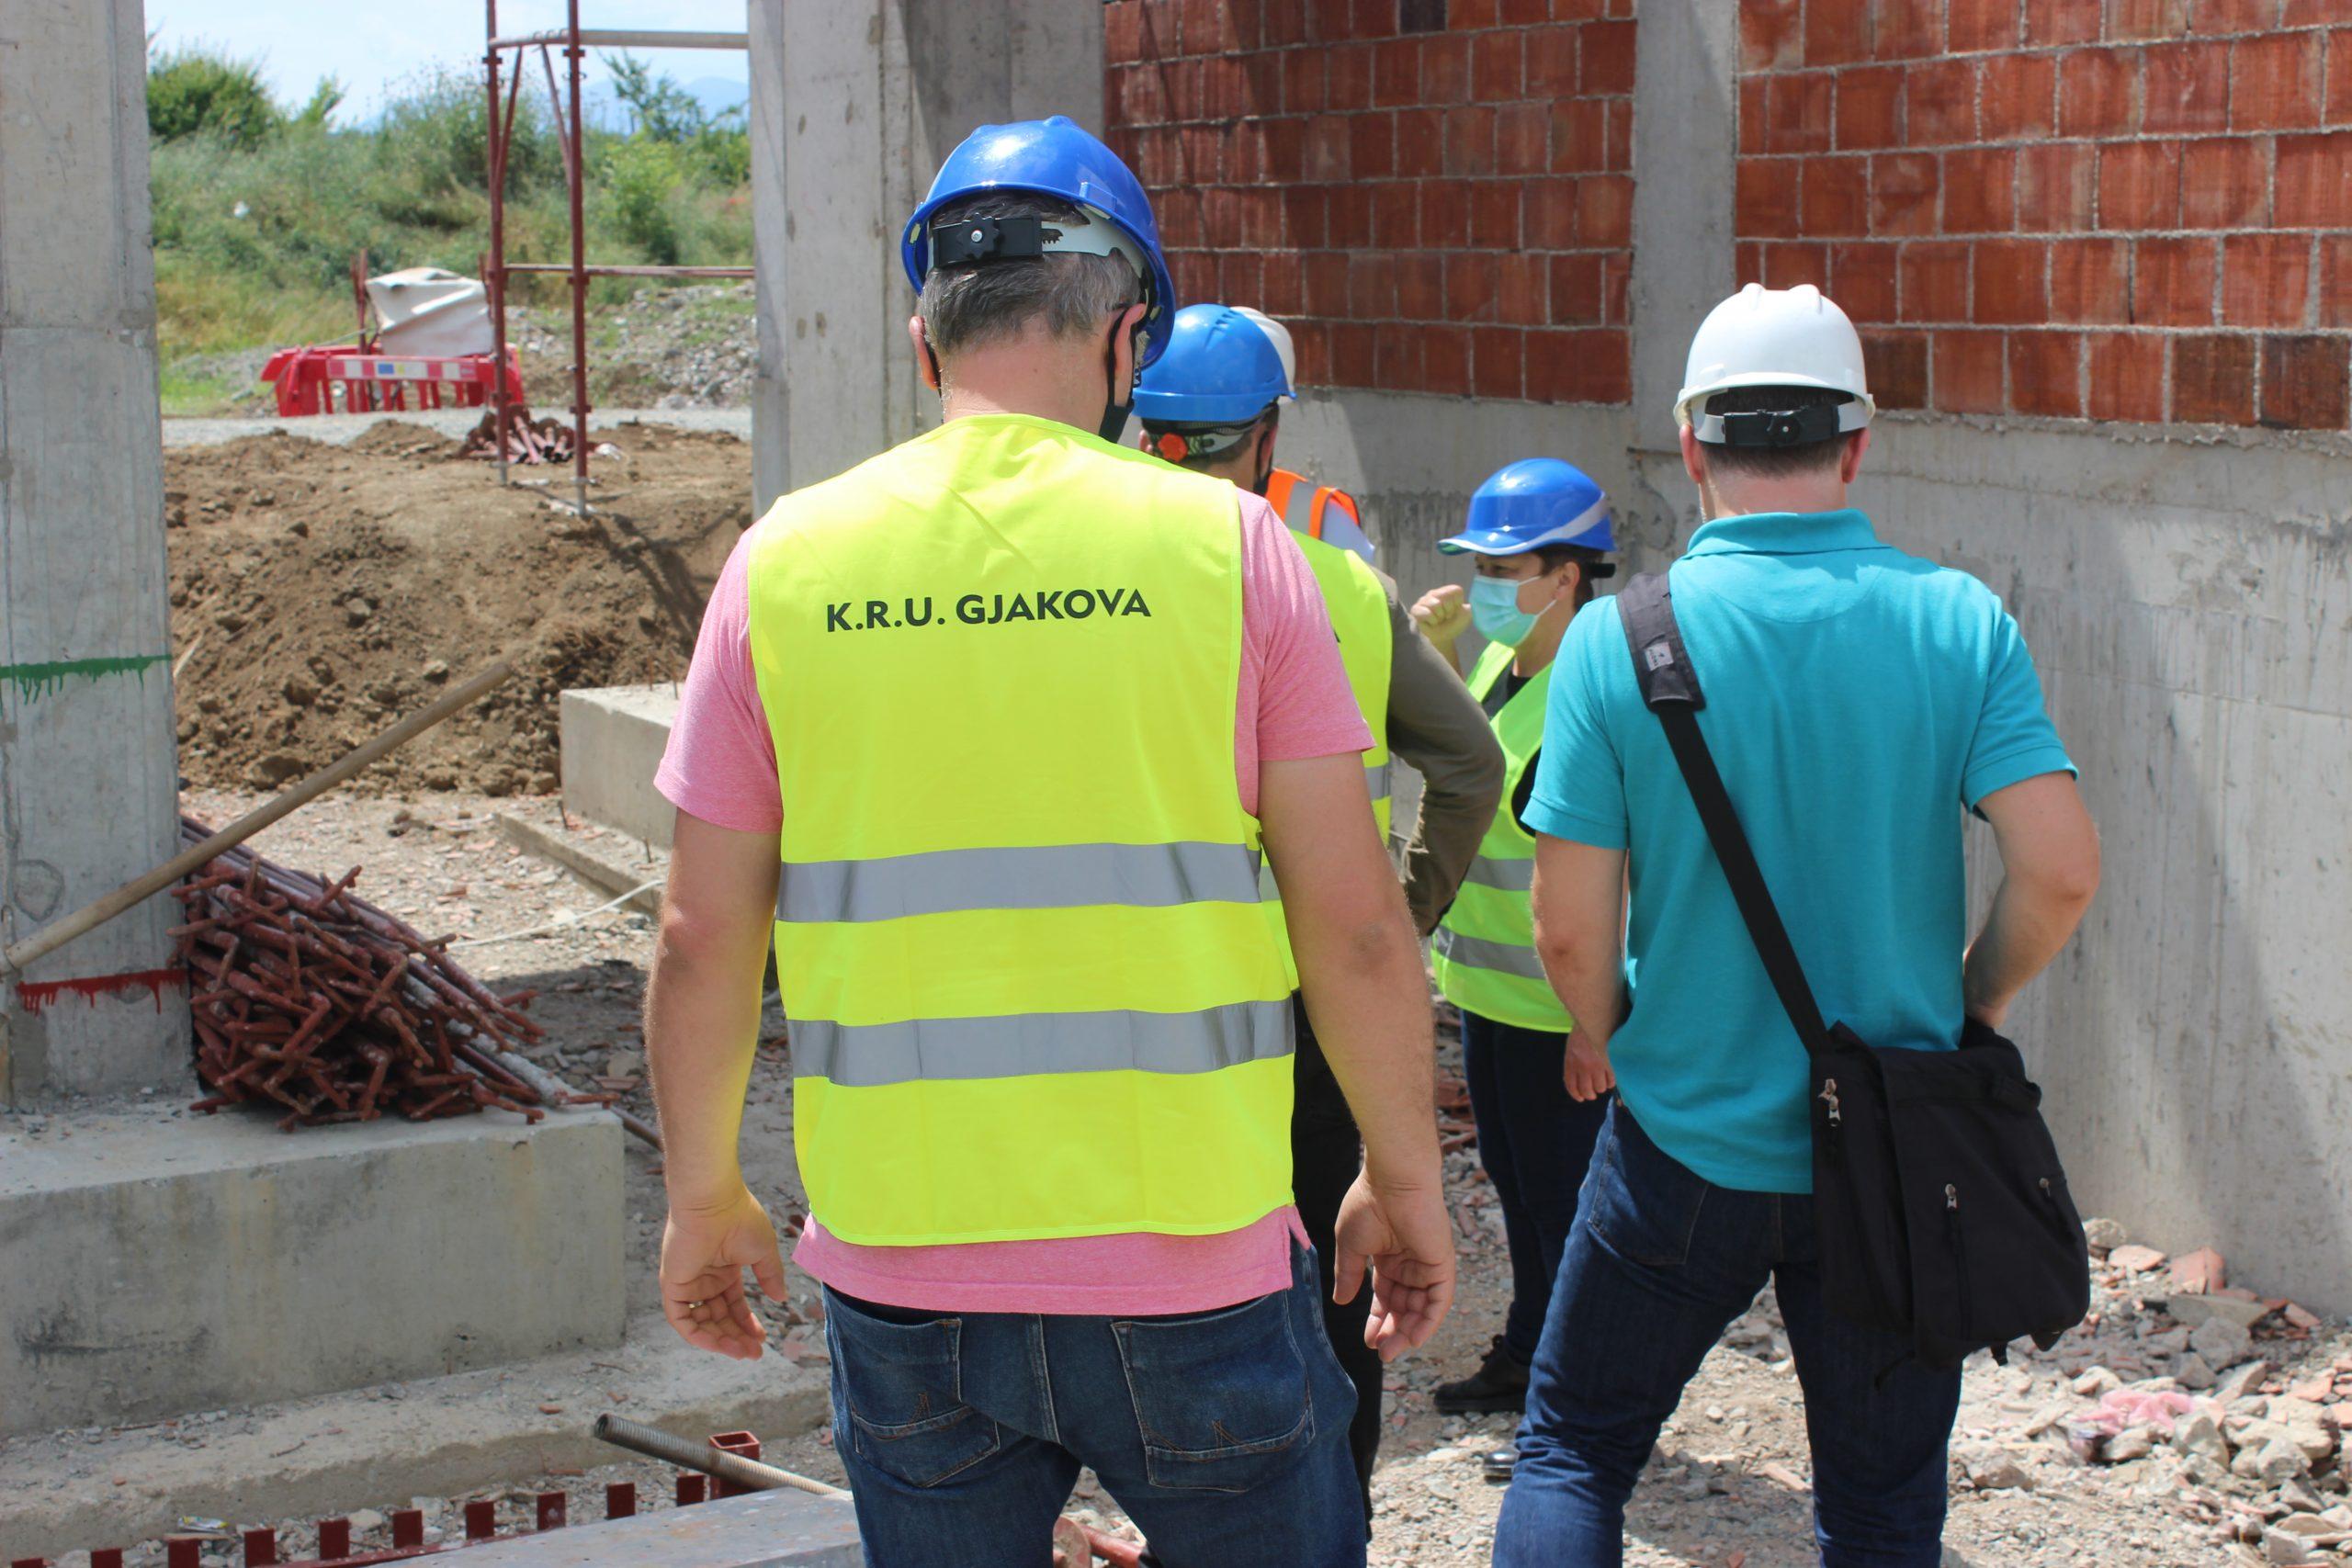 Vazhdojnë punimet për ndërtimin e Impiantit për trajtimin e ujërave të ndotura në Gjakovë